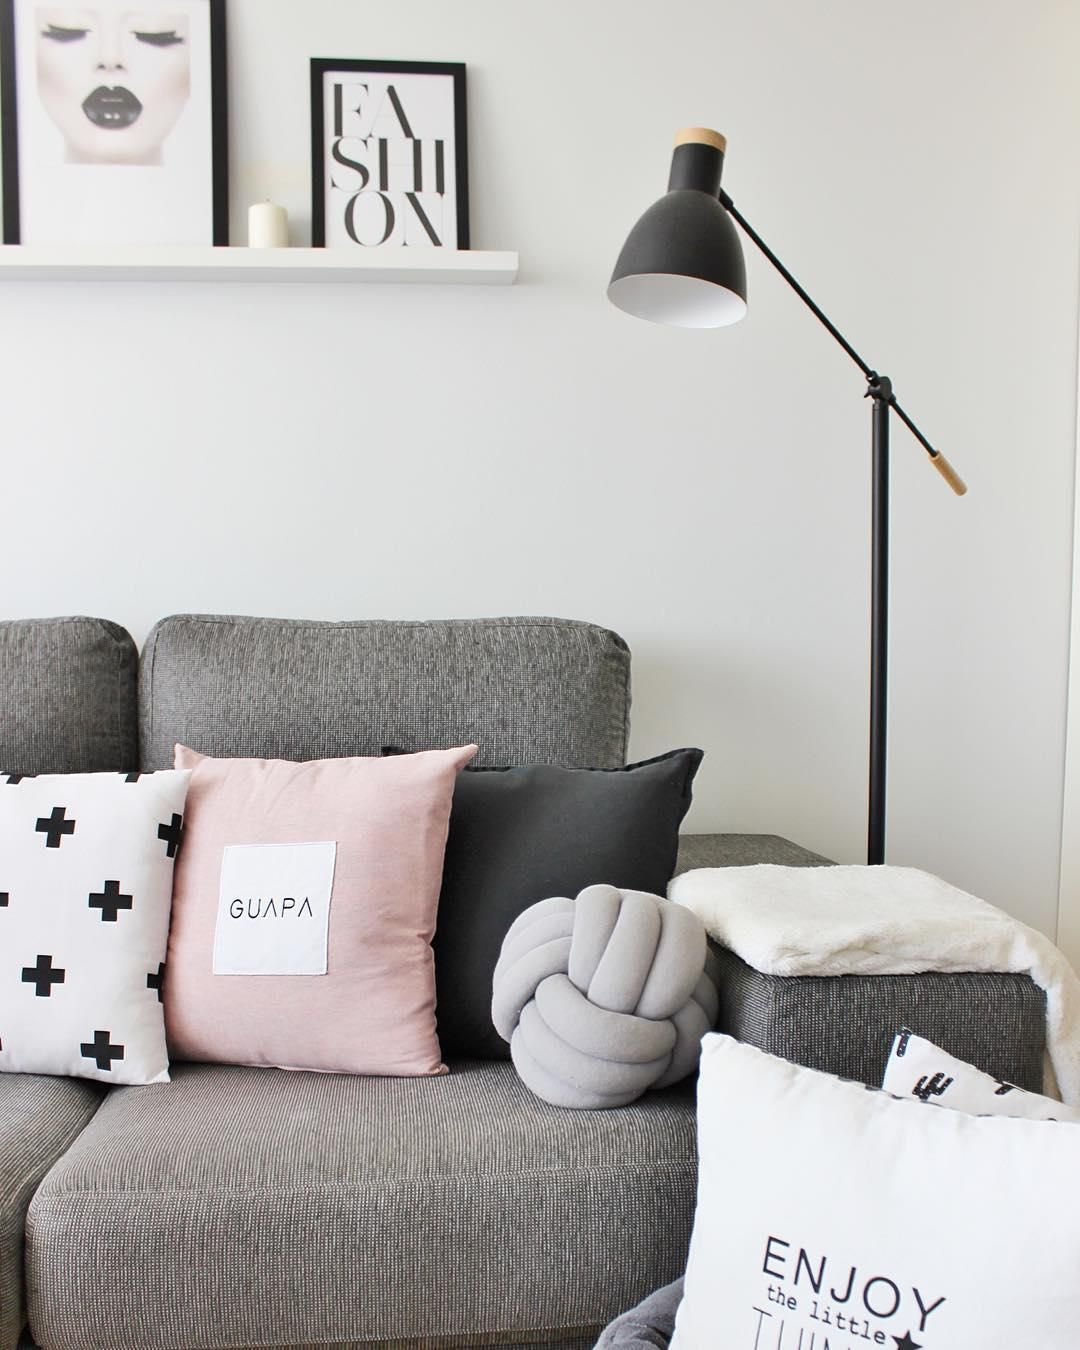 Sofaworks Westfield Stratford Fix A Sofa Bed We Love Pastell Besonders Im Winter Das Kissen Knot Von Design House Stockholm Ist